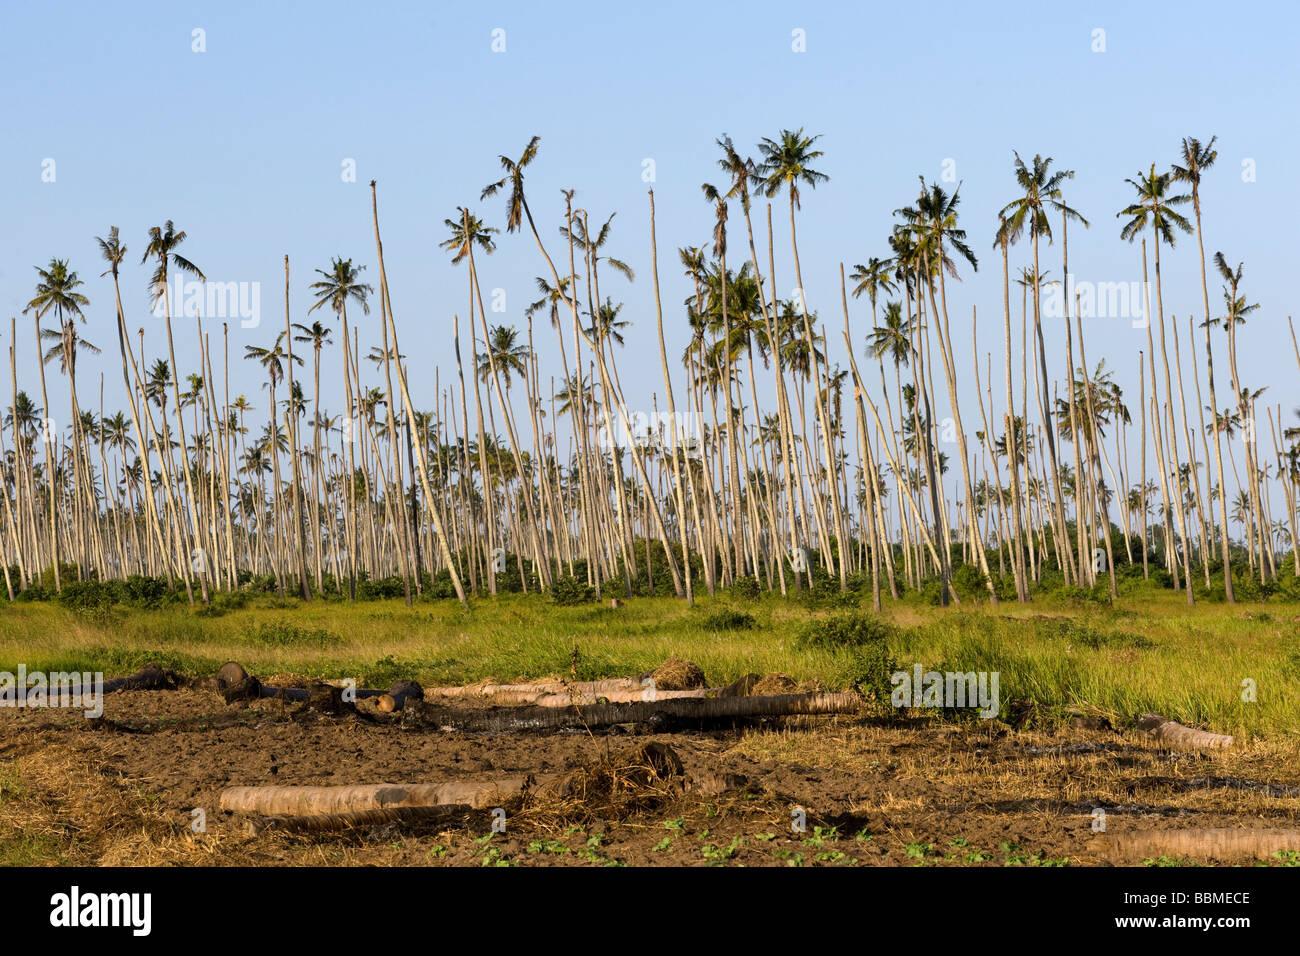 Kokosnuss Palmen Cococ Nucifera sterben an einer Krankheit Quelimane Mosambik Stockbild